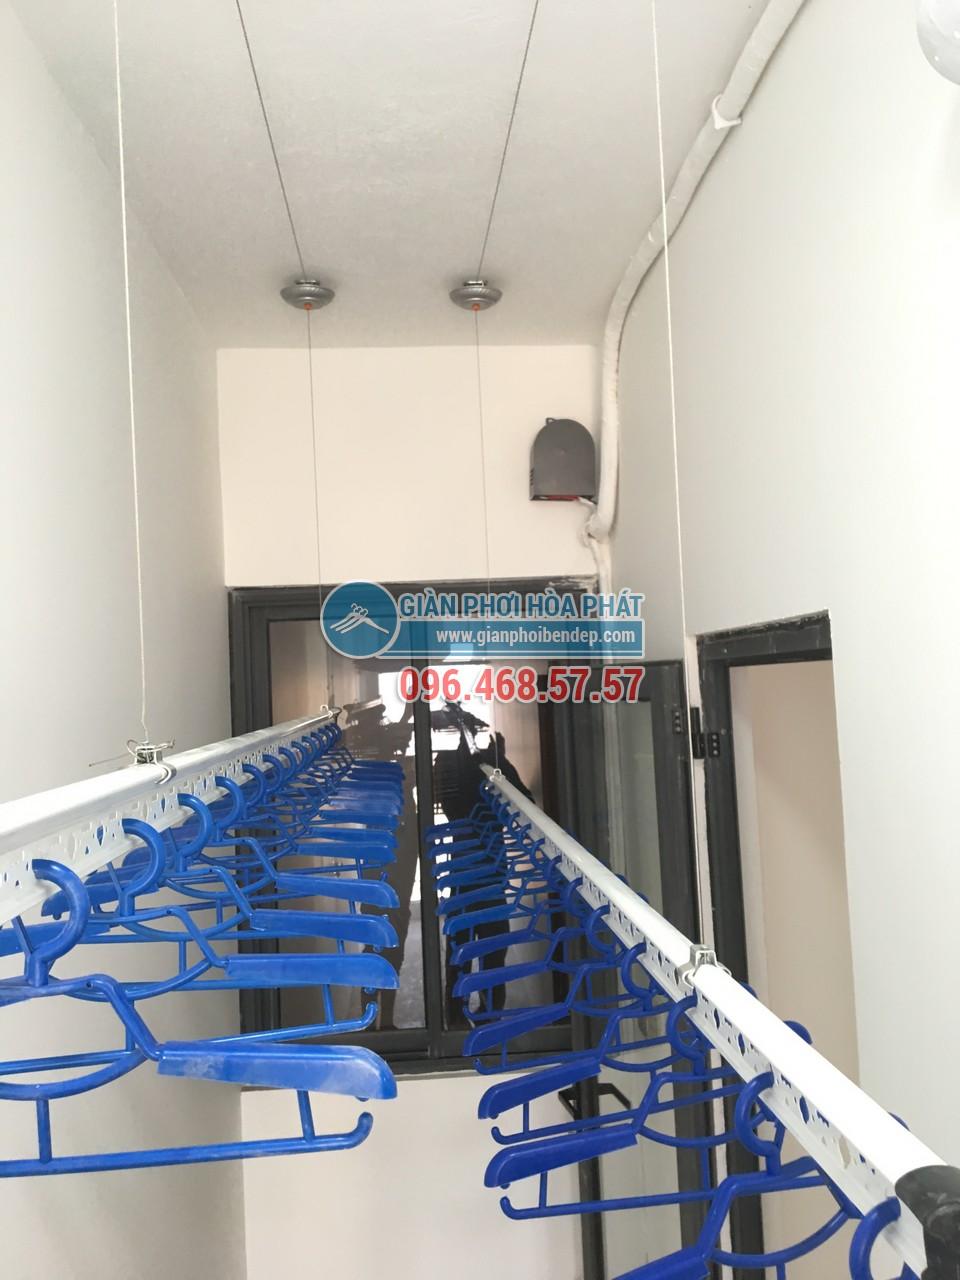 Hoàn thiện lắp đặt giàn phơi thông minh tại lô gia nhà chú Hưng, Golden West - 07